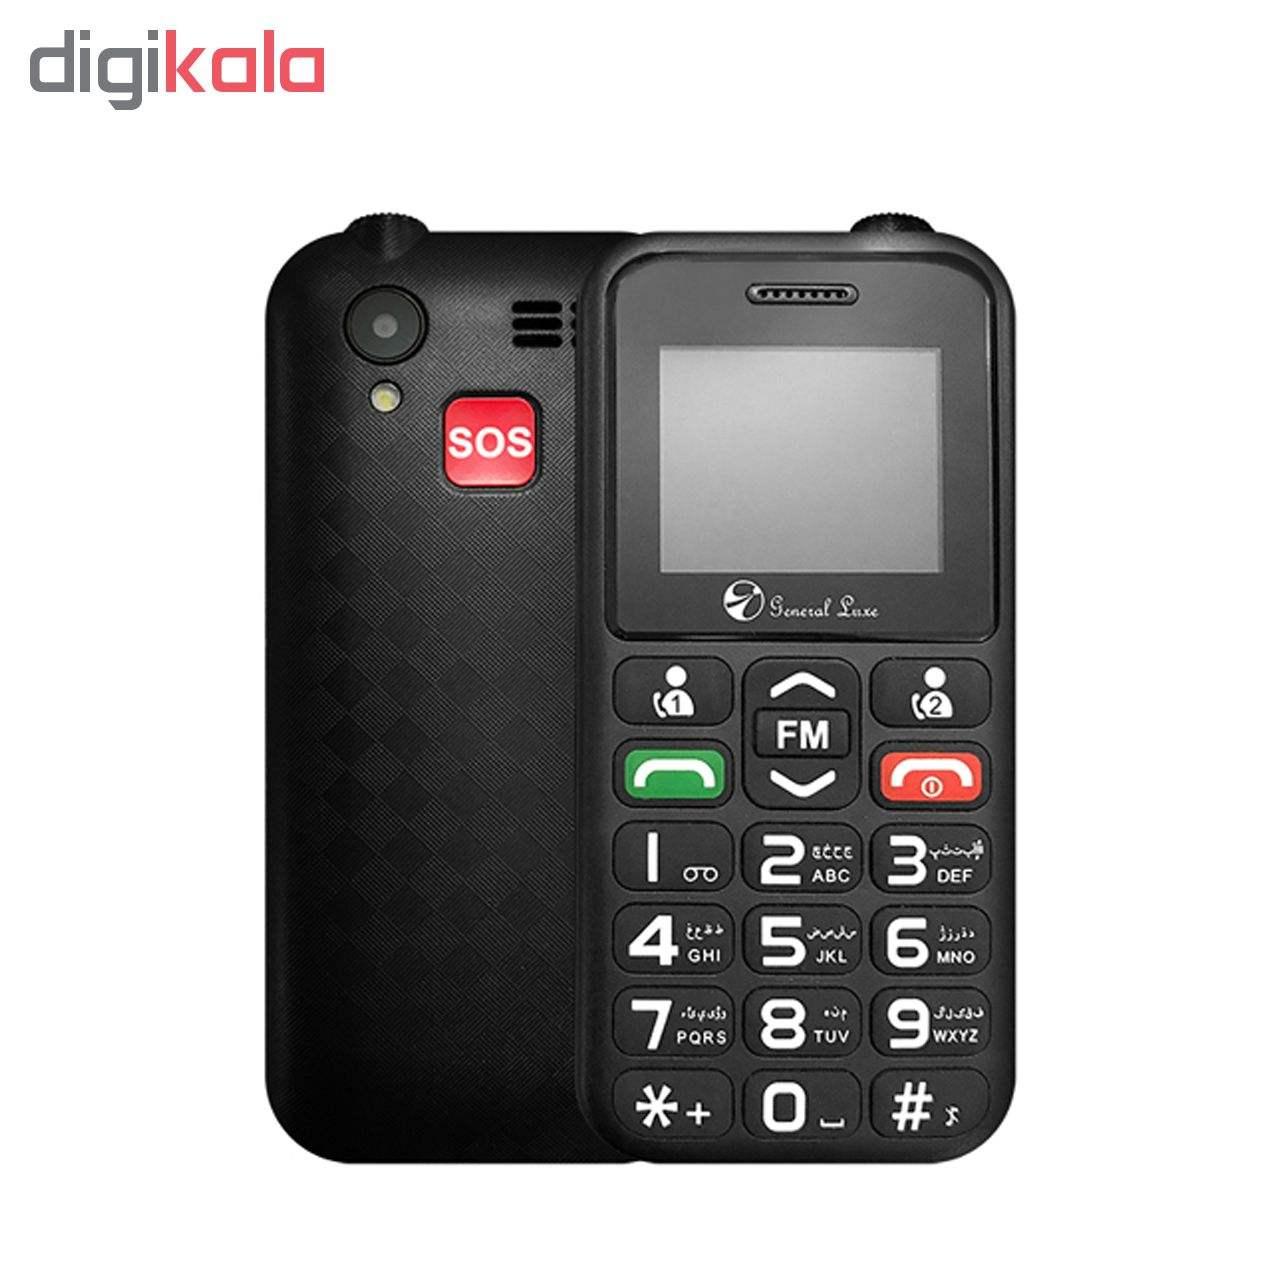 گوشی موبایل جی ال ایکس مدل General Luxe P3 دو سیم کارت main 1 2